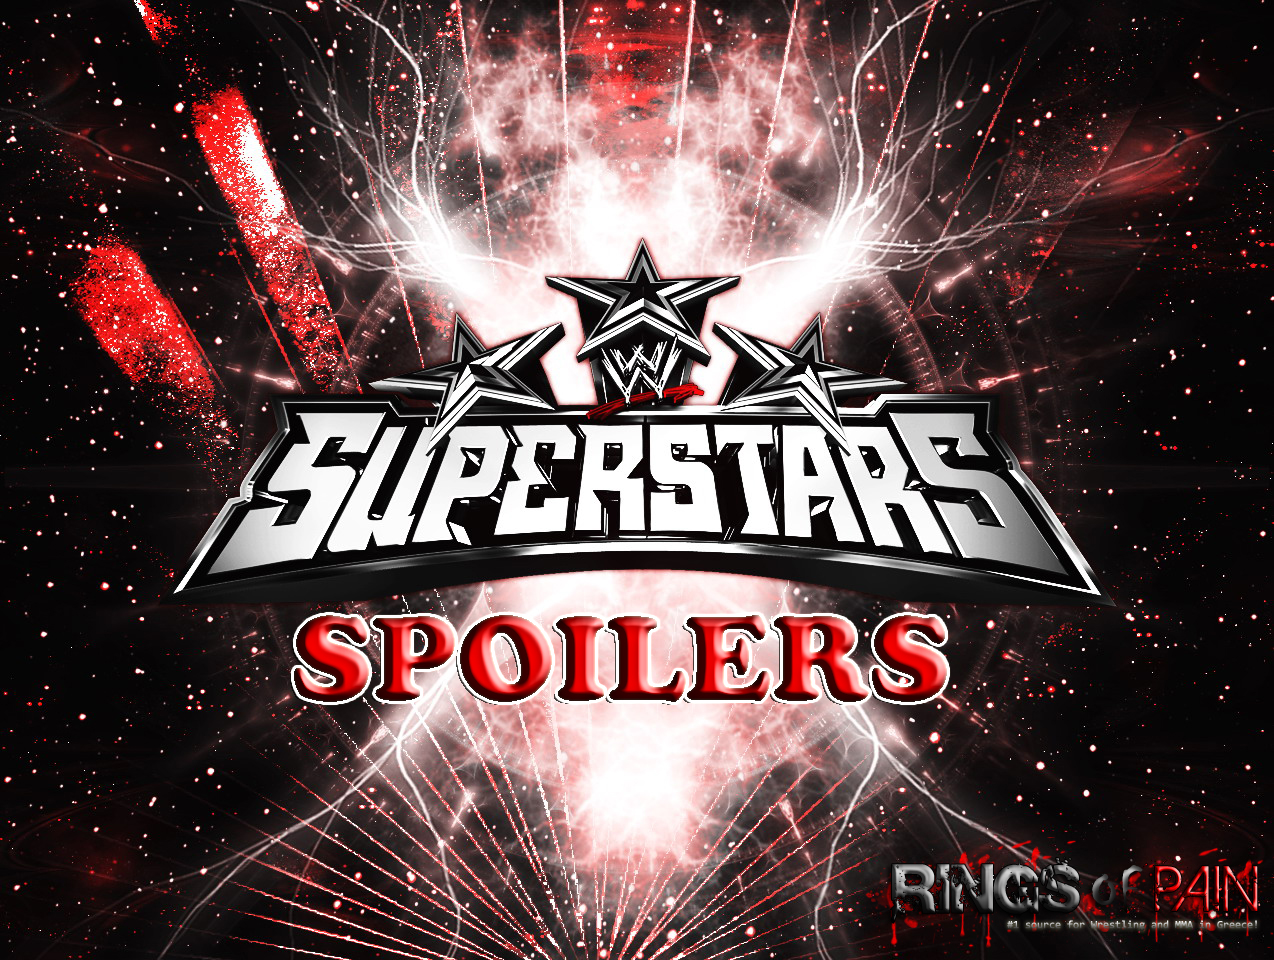 http://2.bp.blogspot.com/-USLbJRPDp1M/T-rRakCAxaI/AAAAAAAABYM/z6BmdN7yUek/s1600/WWE-Superstars-Logo-Wallpaper-WallpapersWWE.jpg